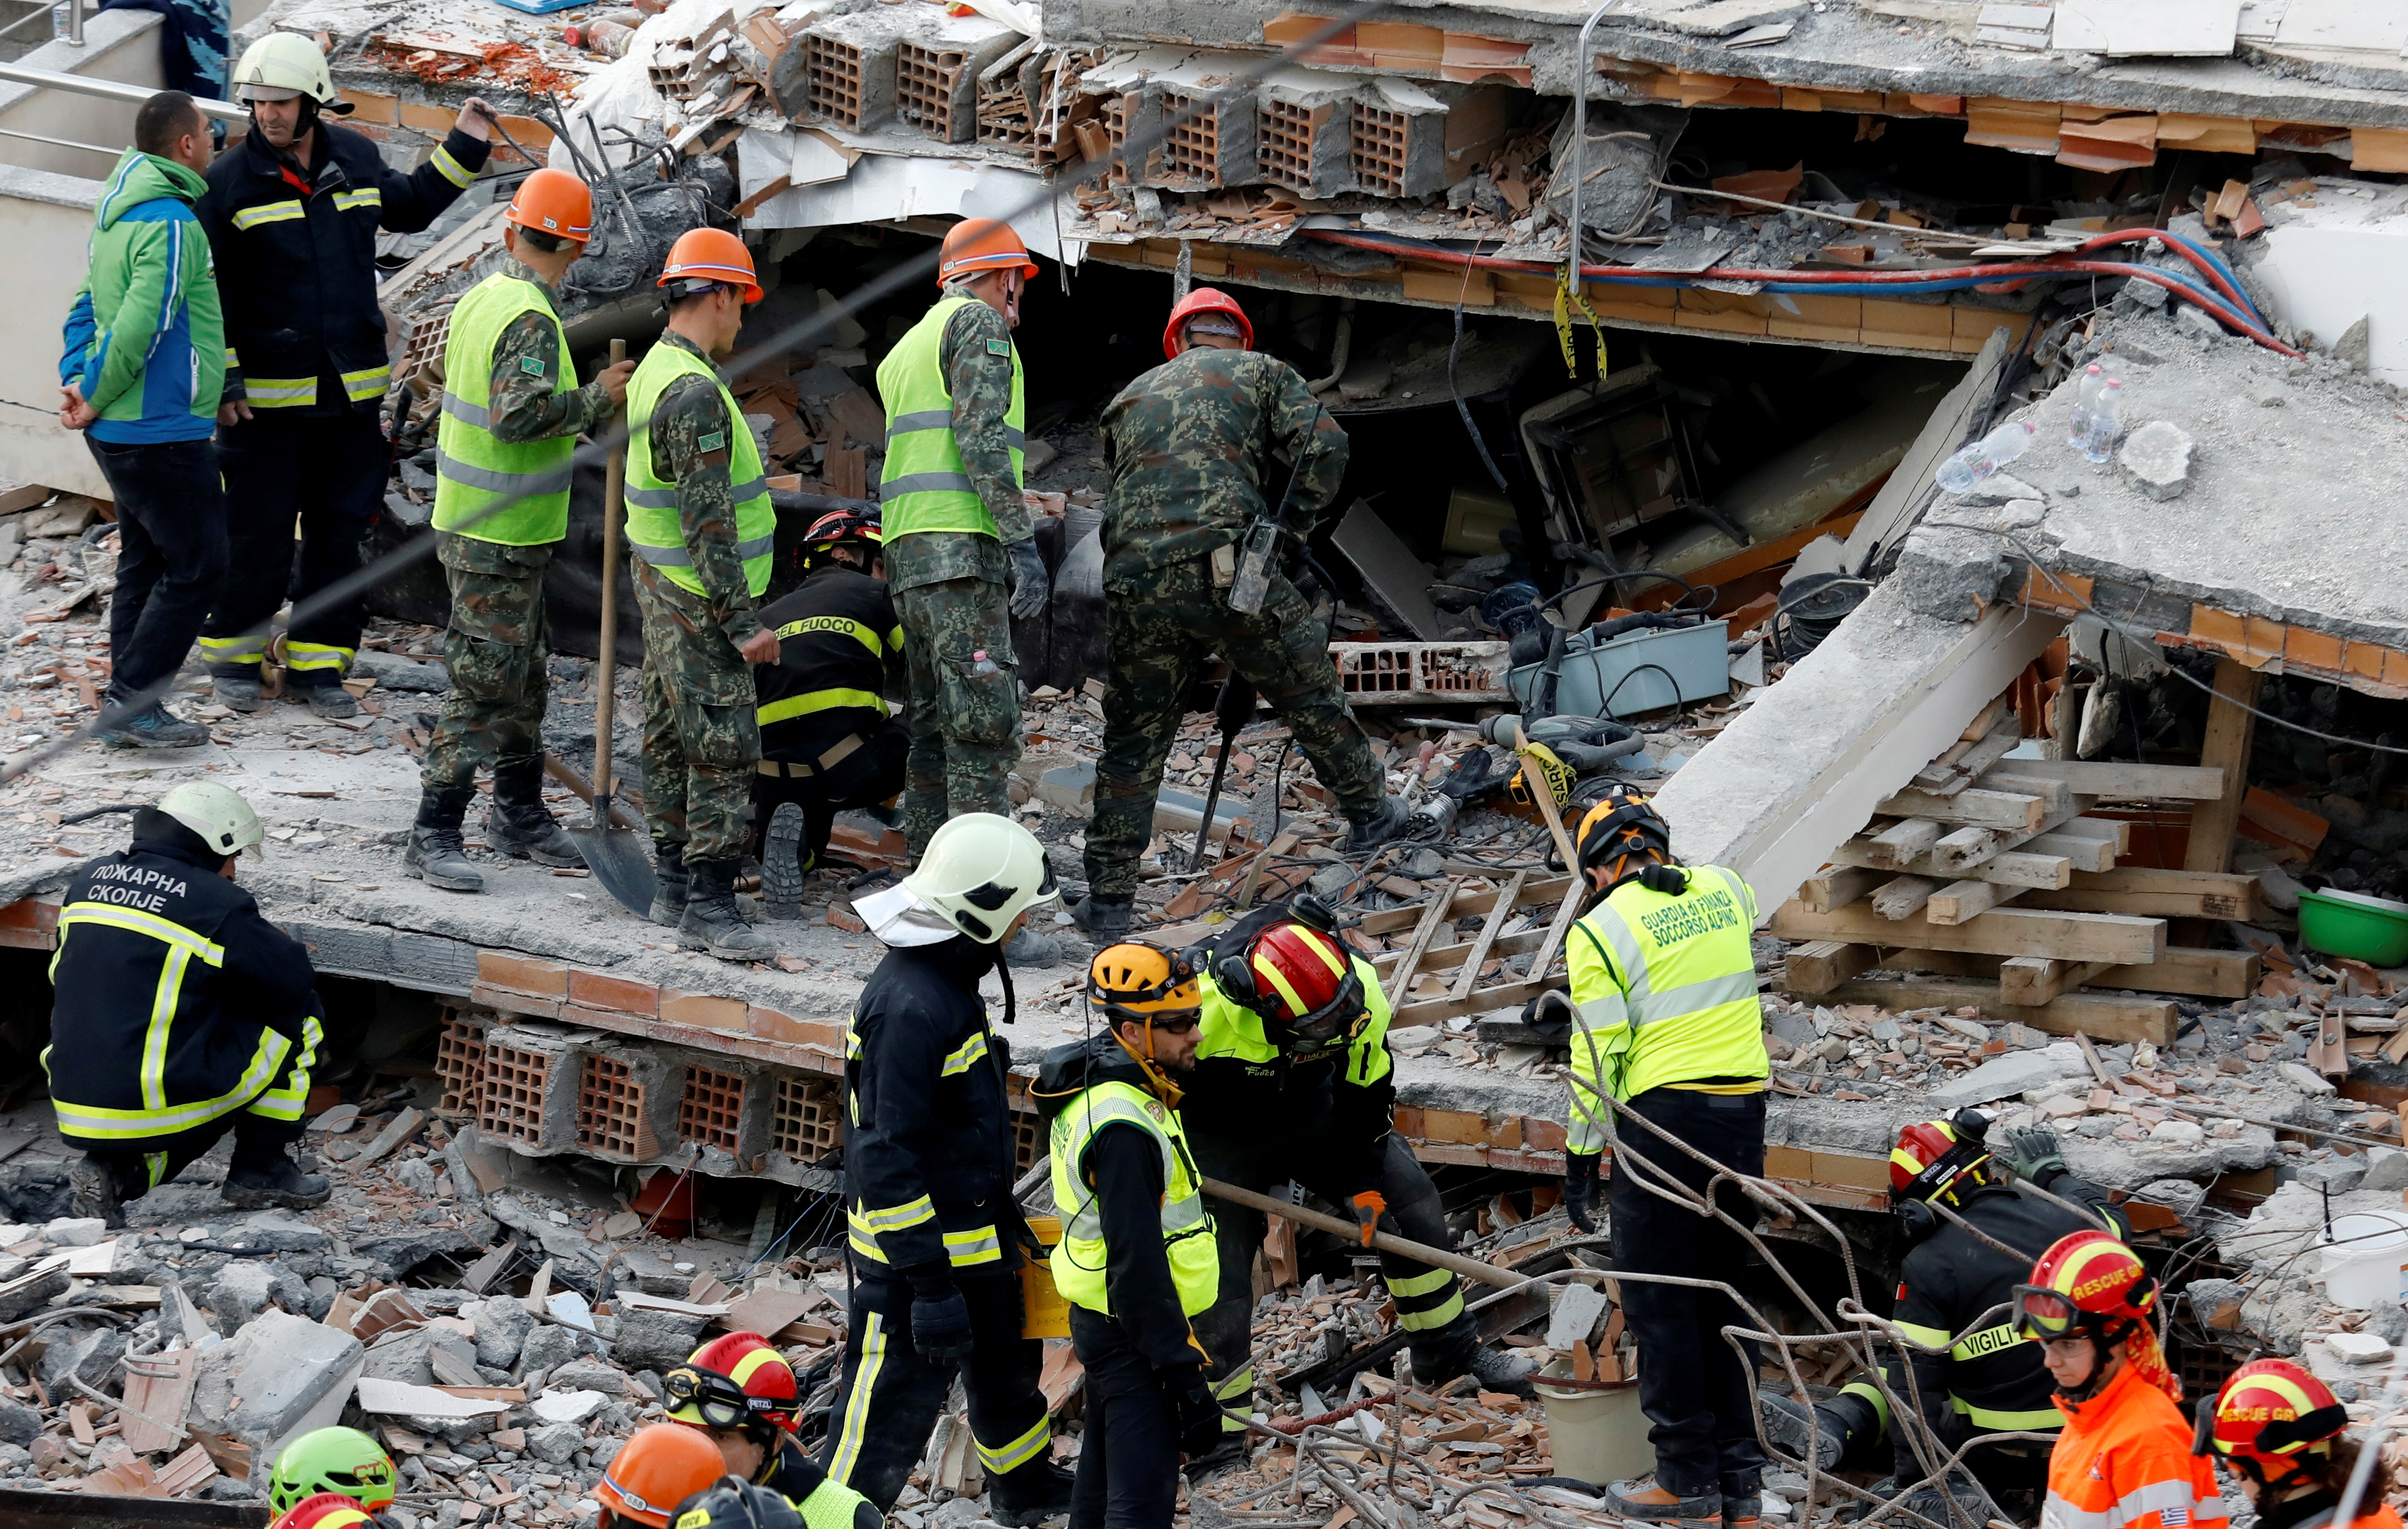 Ο Ράμα παρασημοφόρησε τα σωστικά συνεργεία που βοήθησαν στη διάσωση των εγκλωβισμένων από τον σεισμό